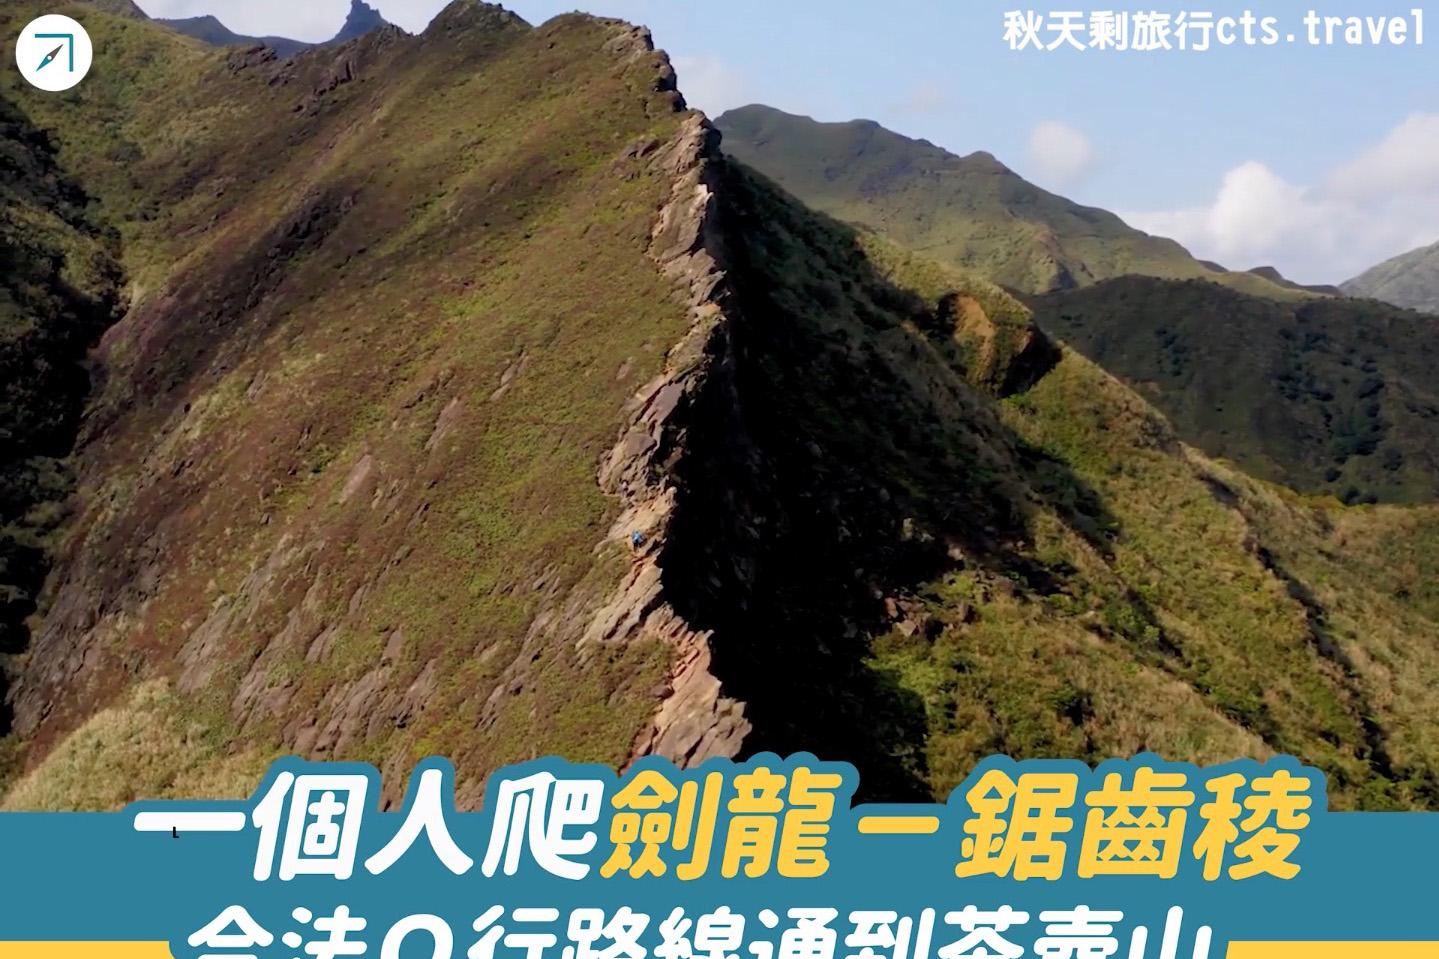 一個人爬「劍龍-鋸齒稜」合法O行路線通到茶壺山(影片)